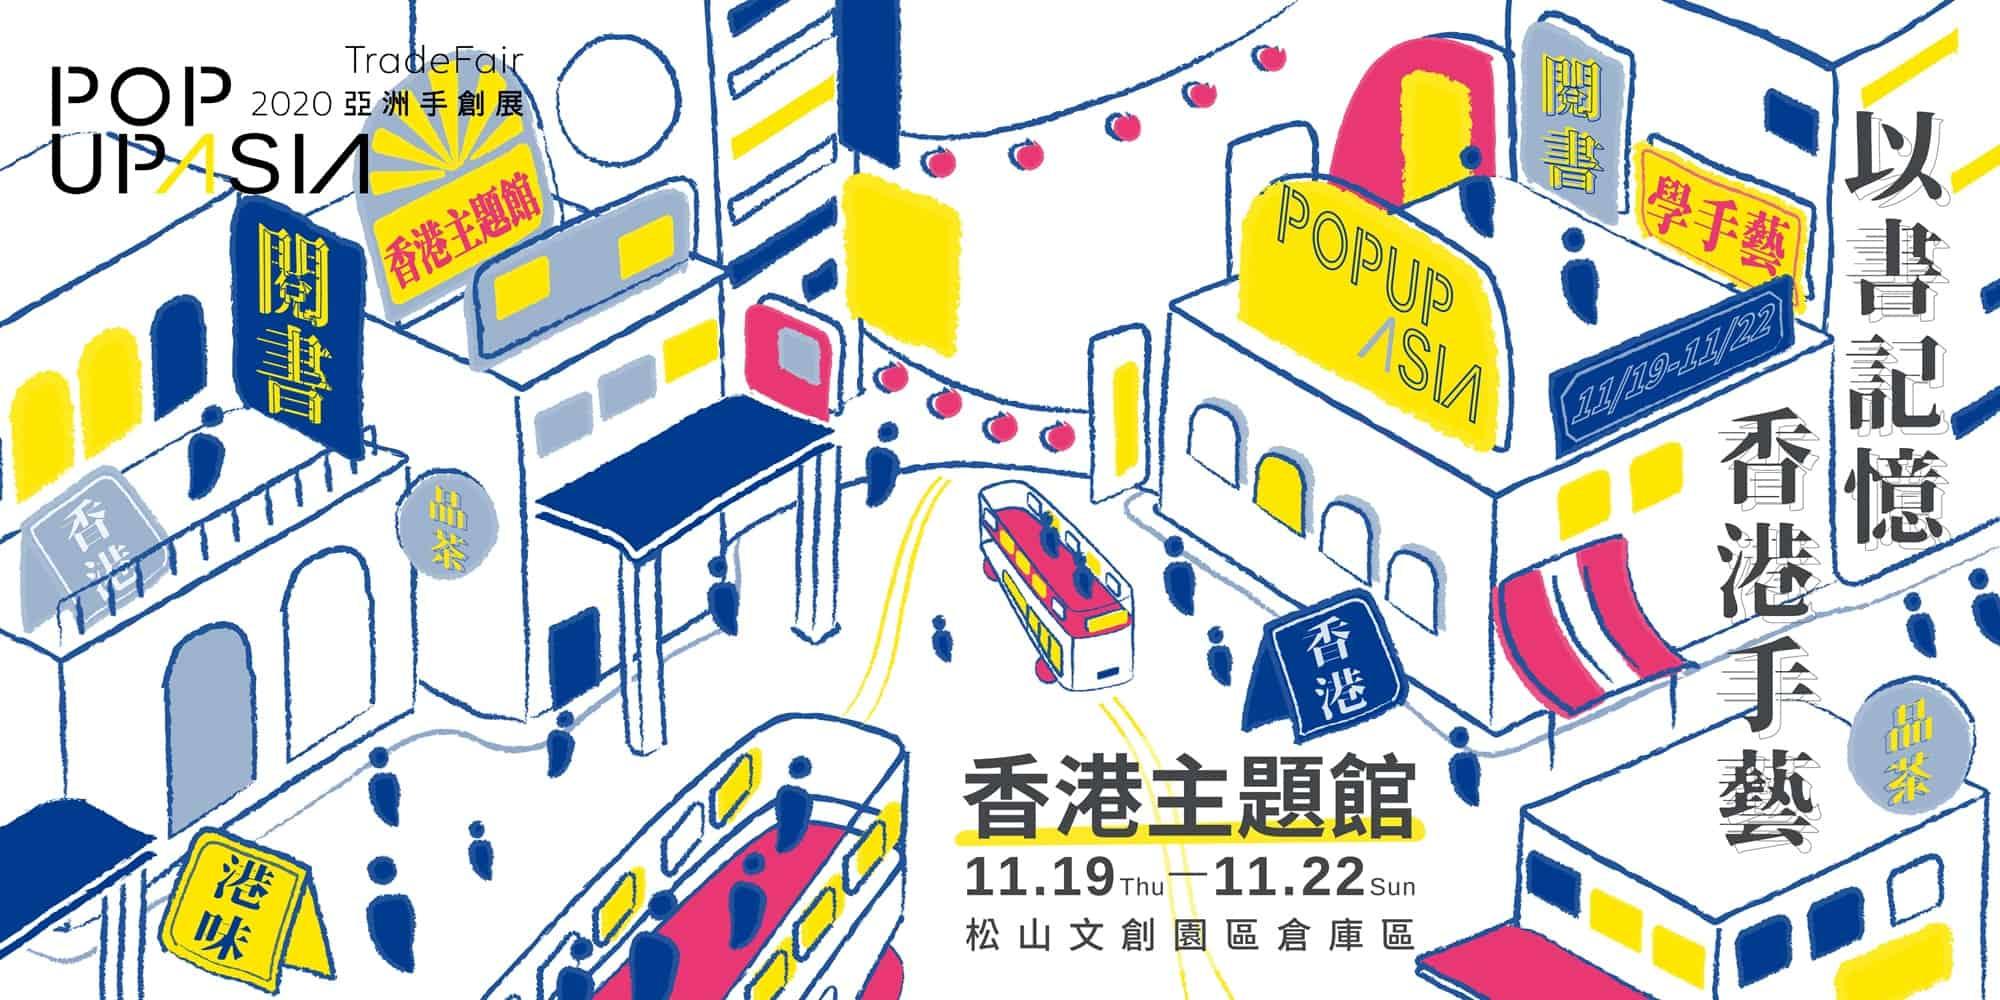 香港主題館在2020-Pop-Up-Asia-亞洲手創展